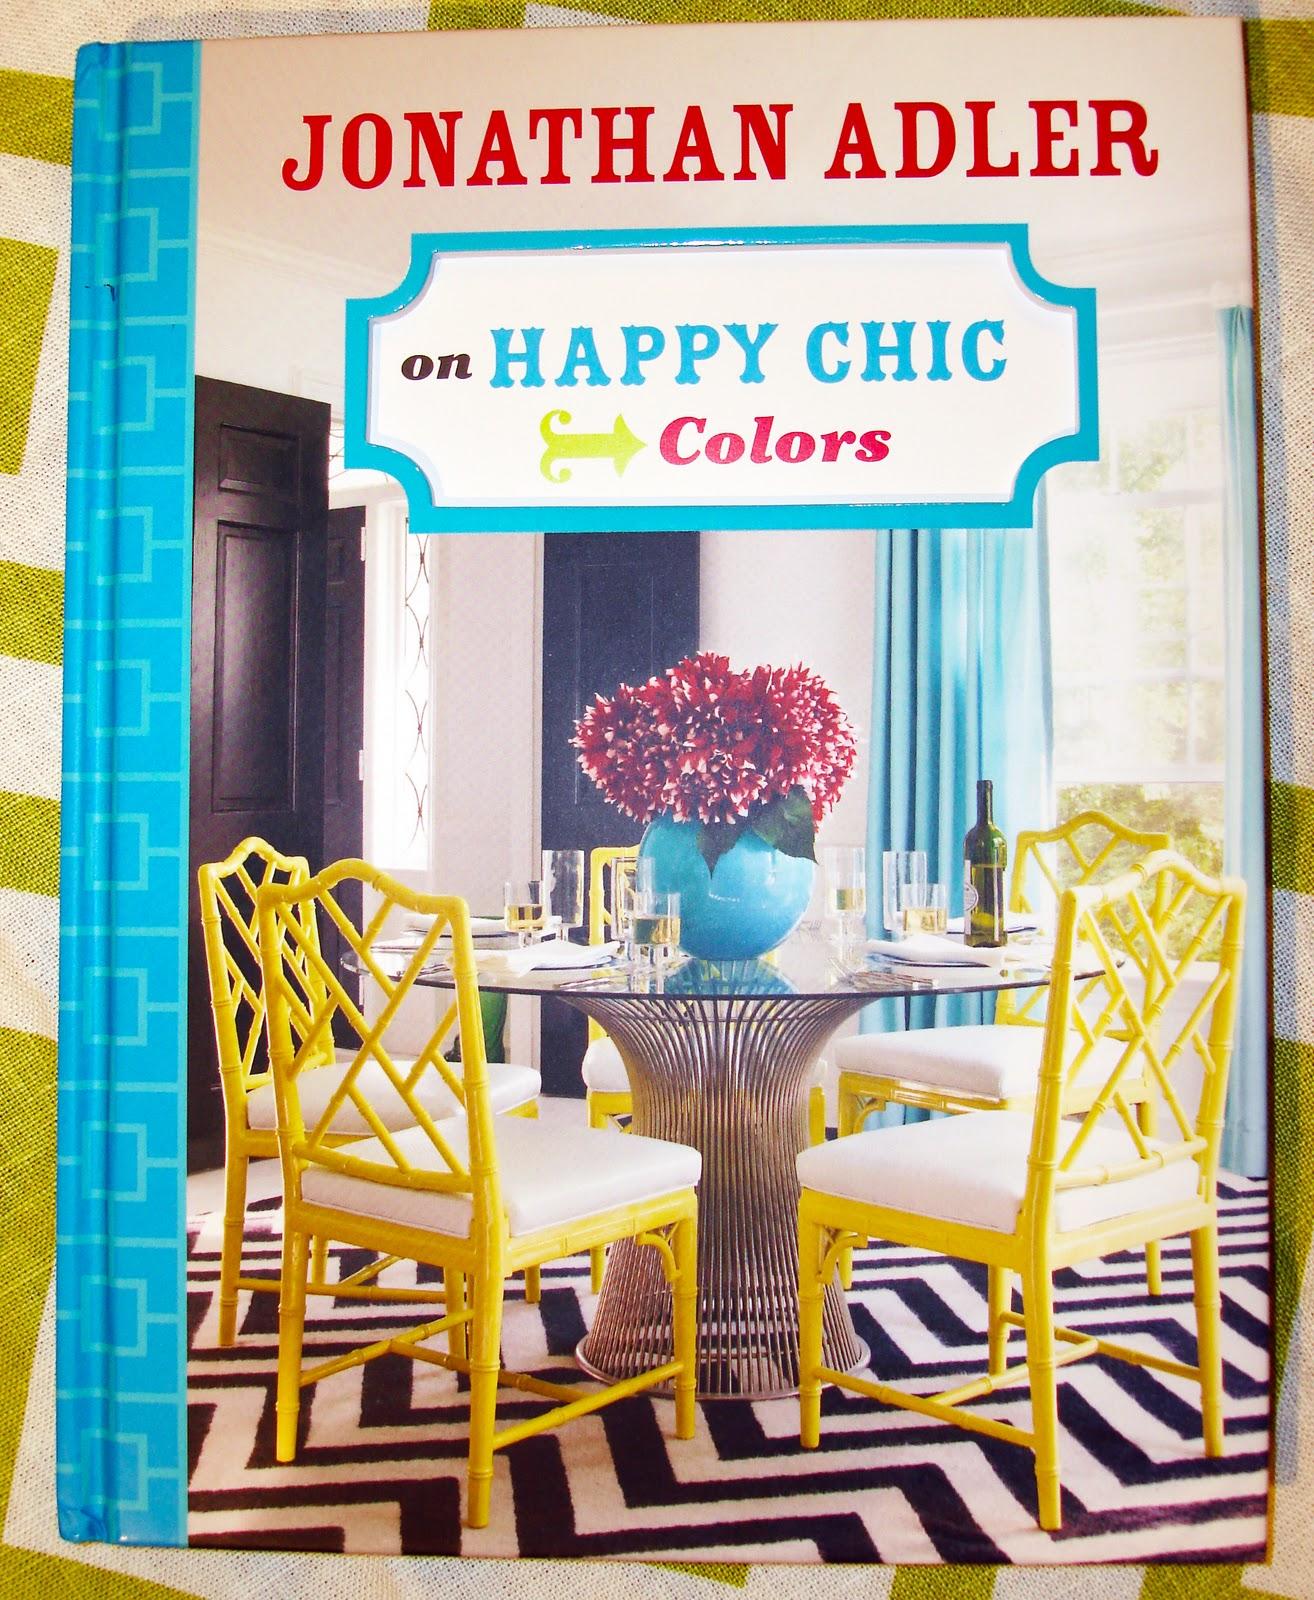 belle maison jonathan adler book launch giveaway. Black Bedroom Furniture Sets. Home Design Ideas